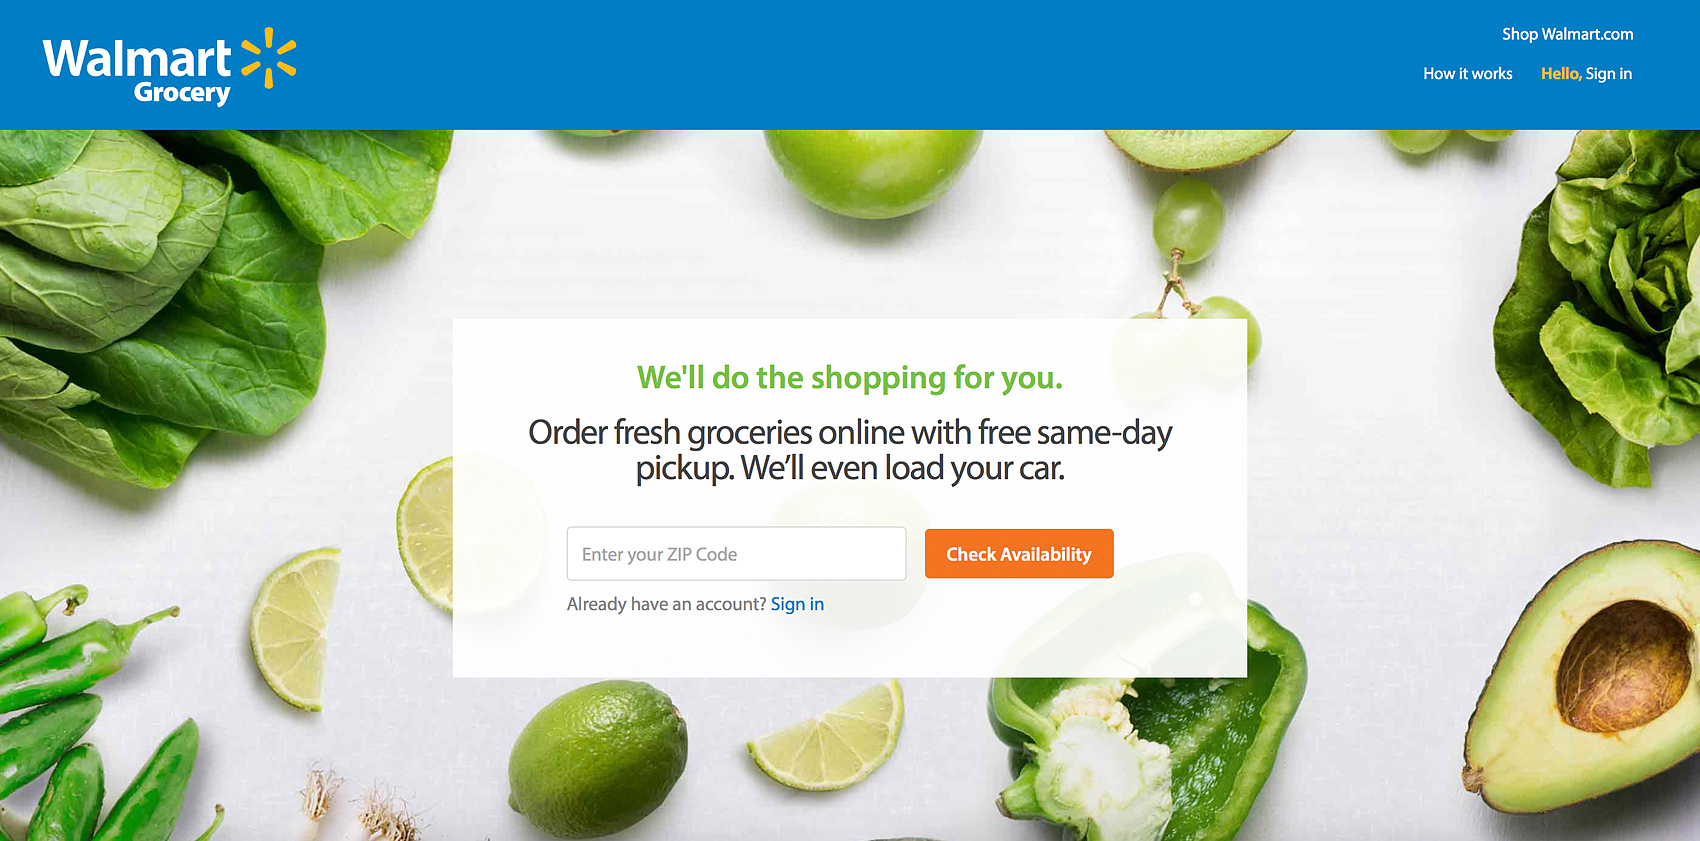 Walmart Grocery Website